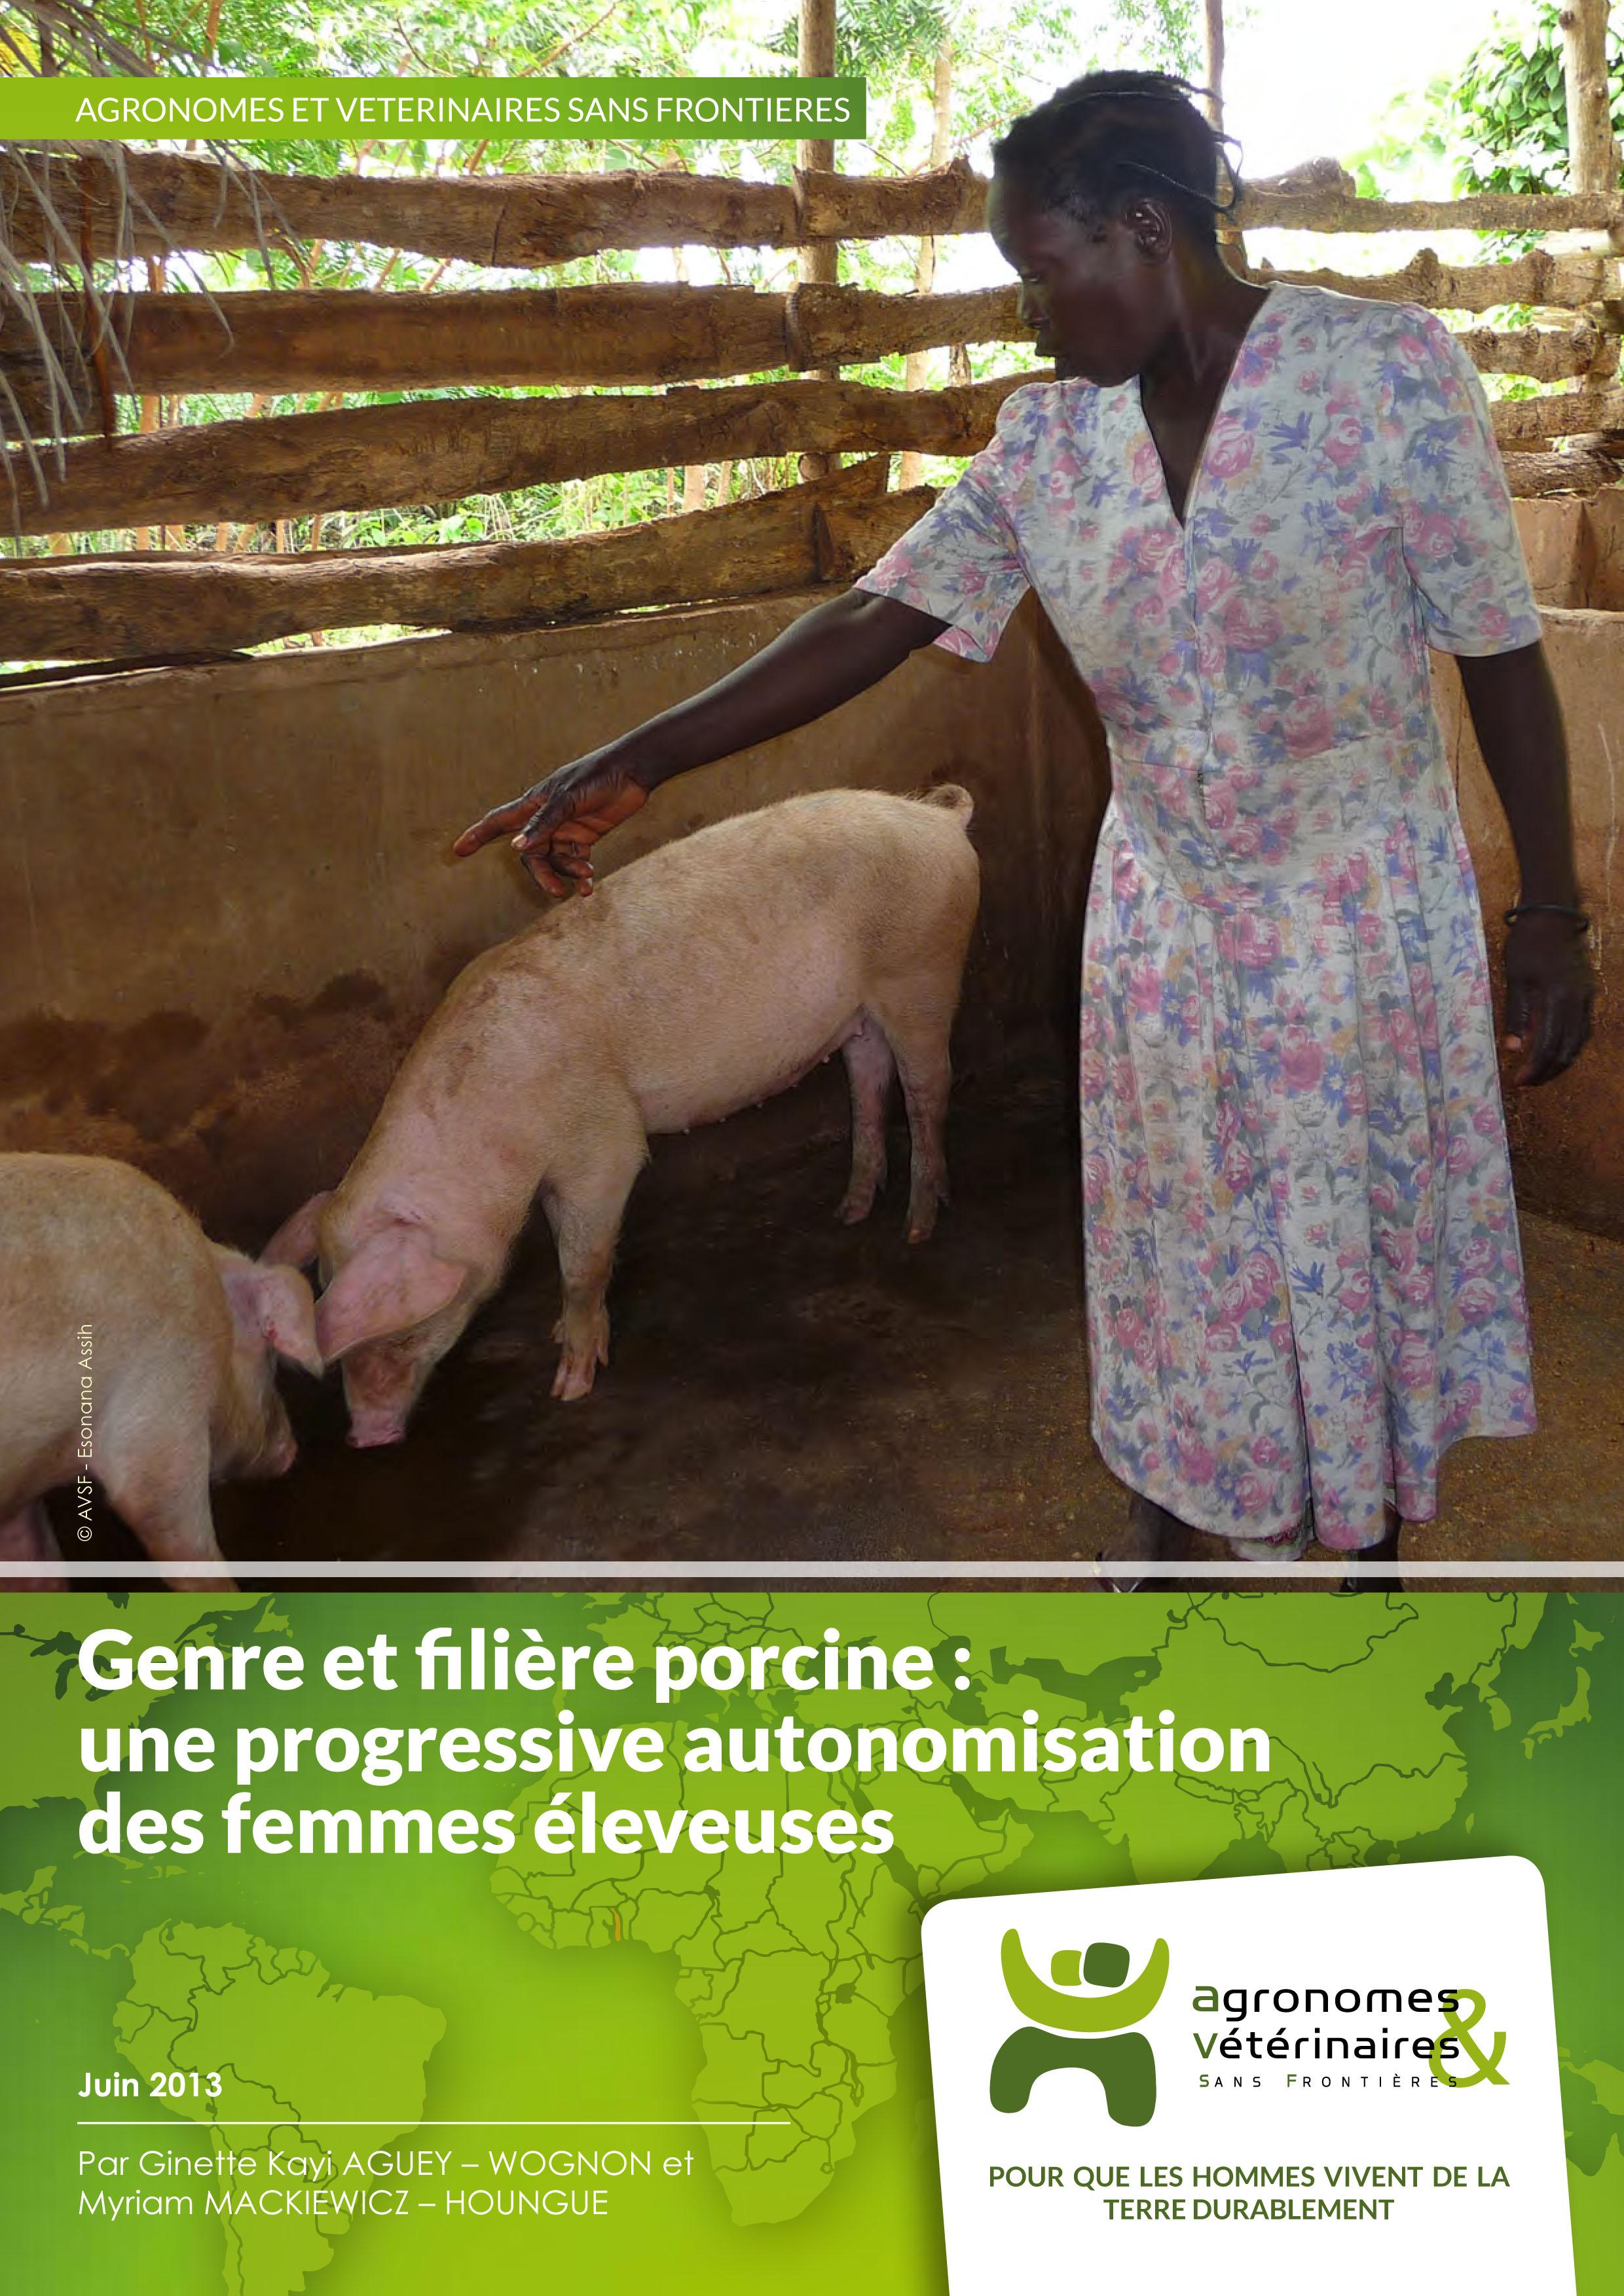 Genre et filière porcine : une progressive autonomisation des femmes éleveuses Image principale